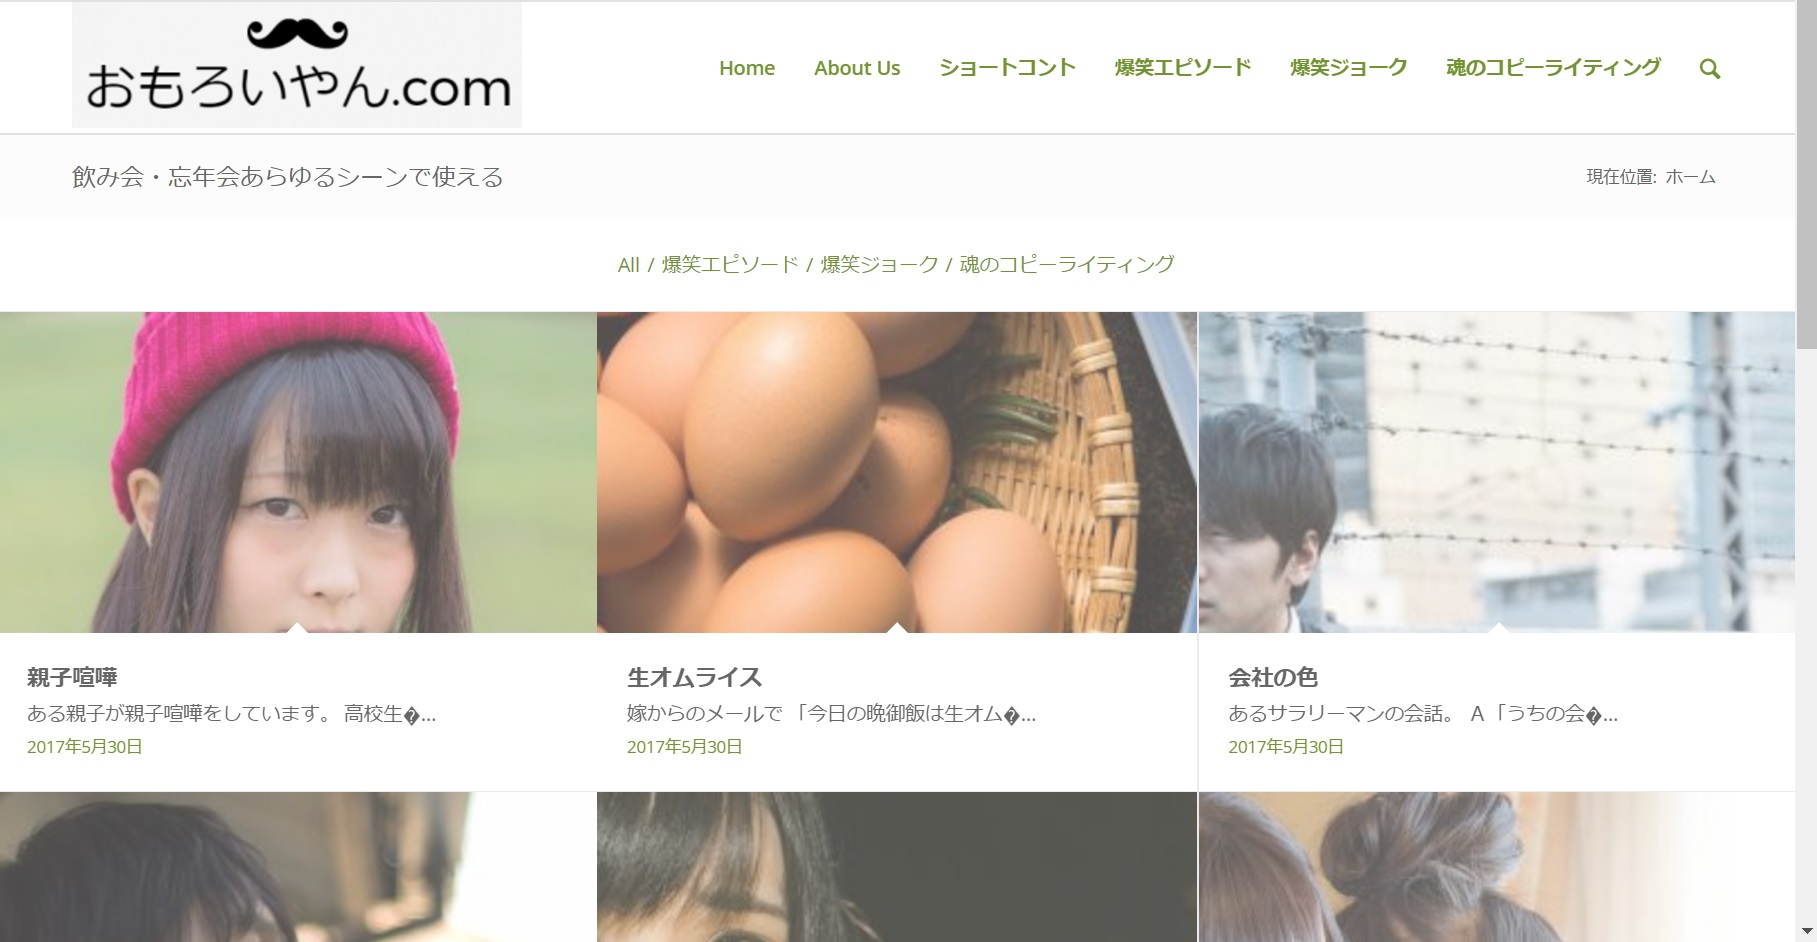 おもろいやん.com開設